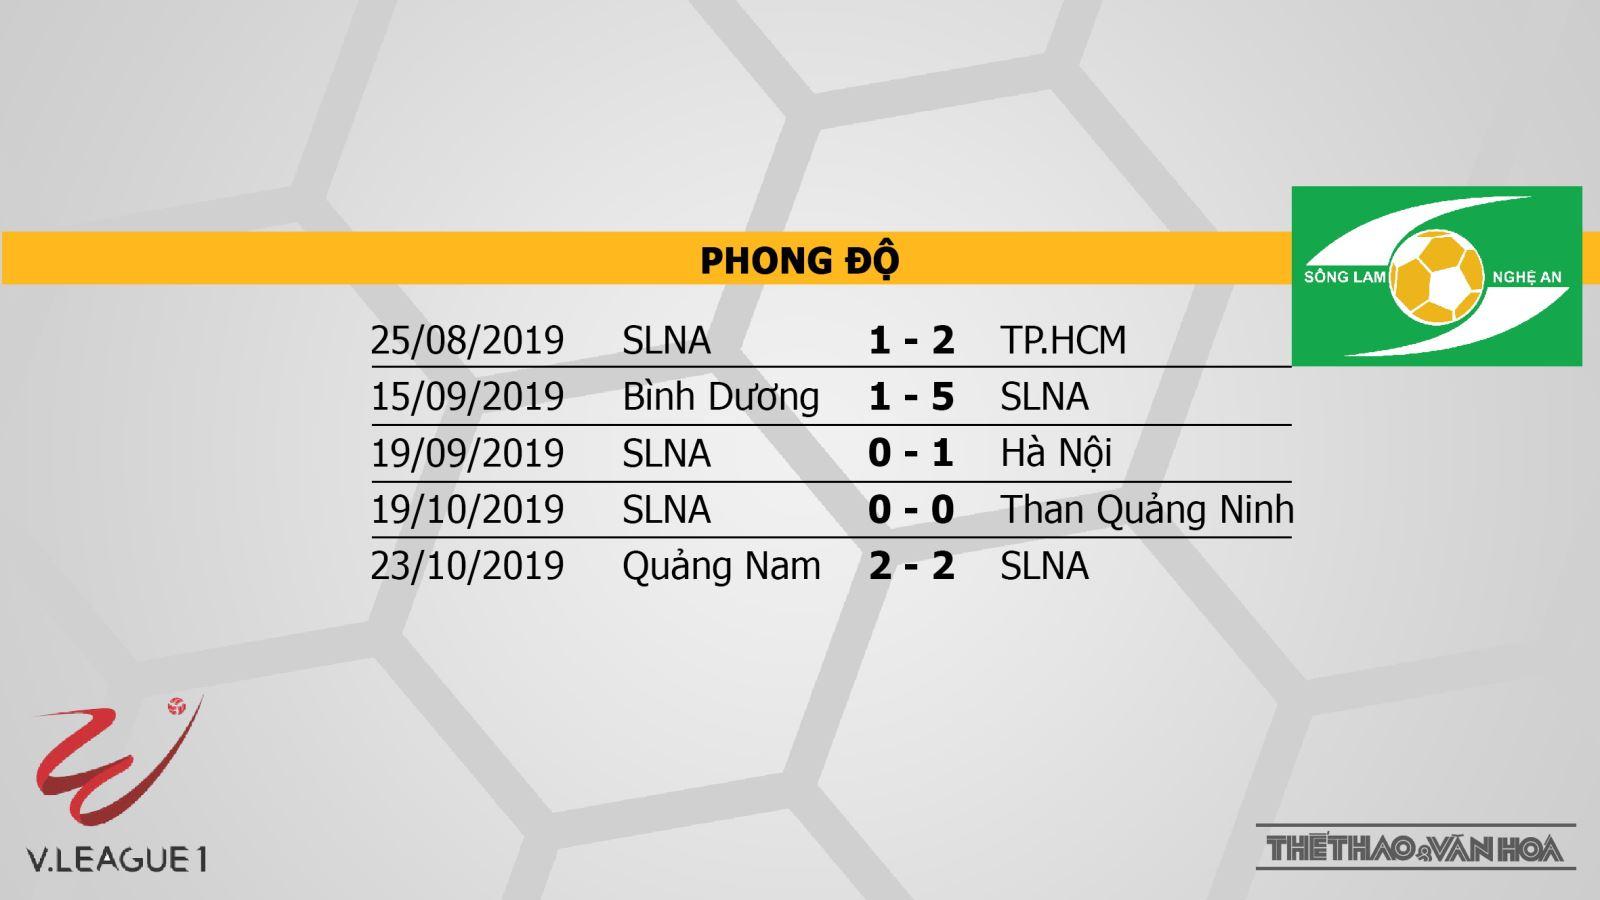 Sài Gòn đấu với SLNA, Sài Gòn, SLNA, trực tiếp Sài Gòn vs SLNA, bóng đá, bong da, lịch thi đấu bóng đá, V League, BĐTV, trực tiếp bóng đá Sài Gòn vs SLNA